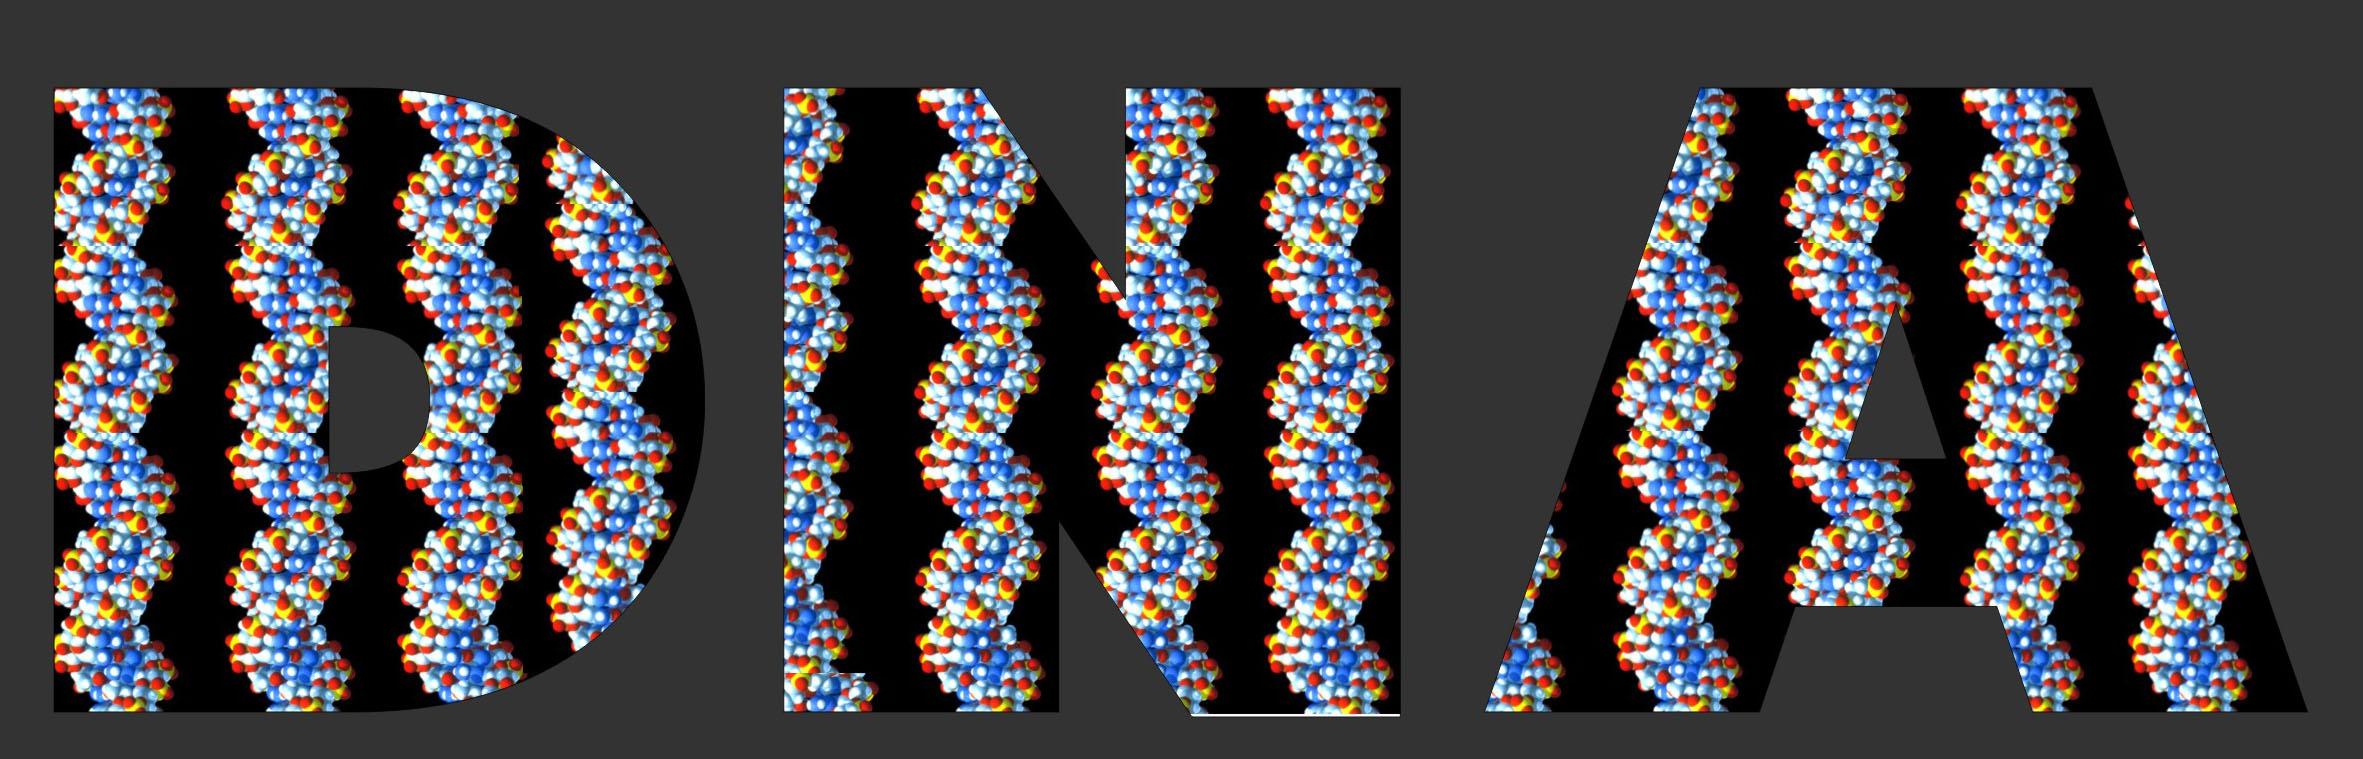 DNA_2a1